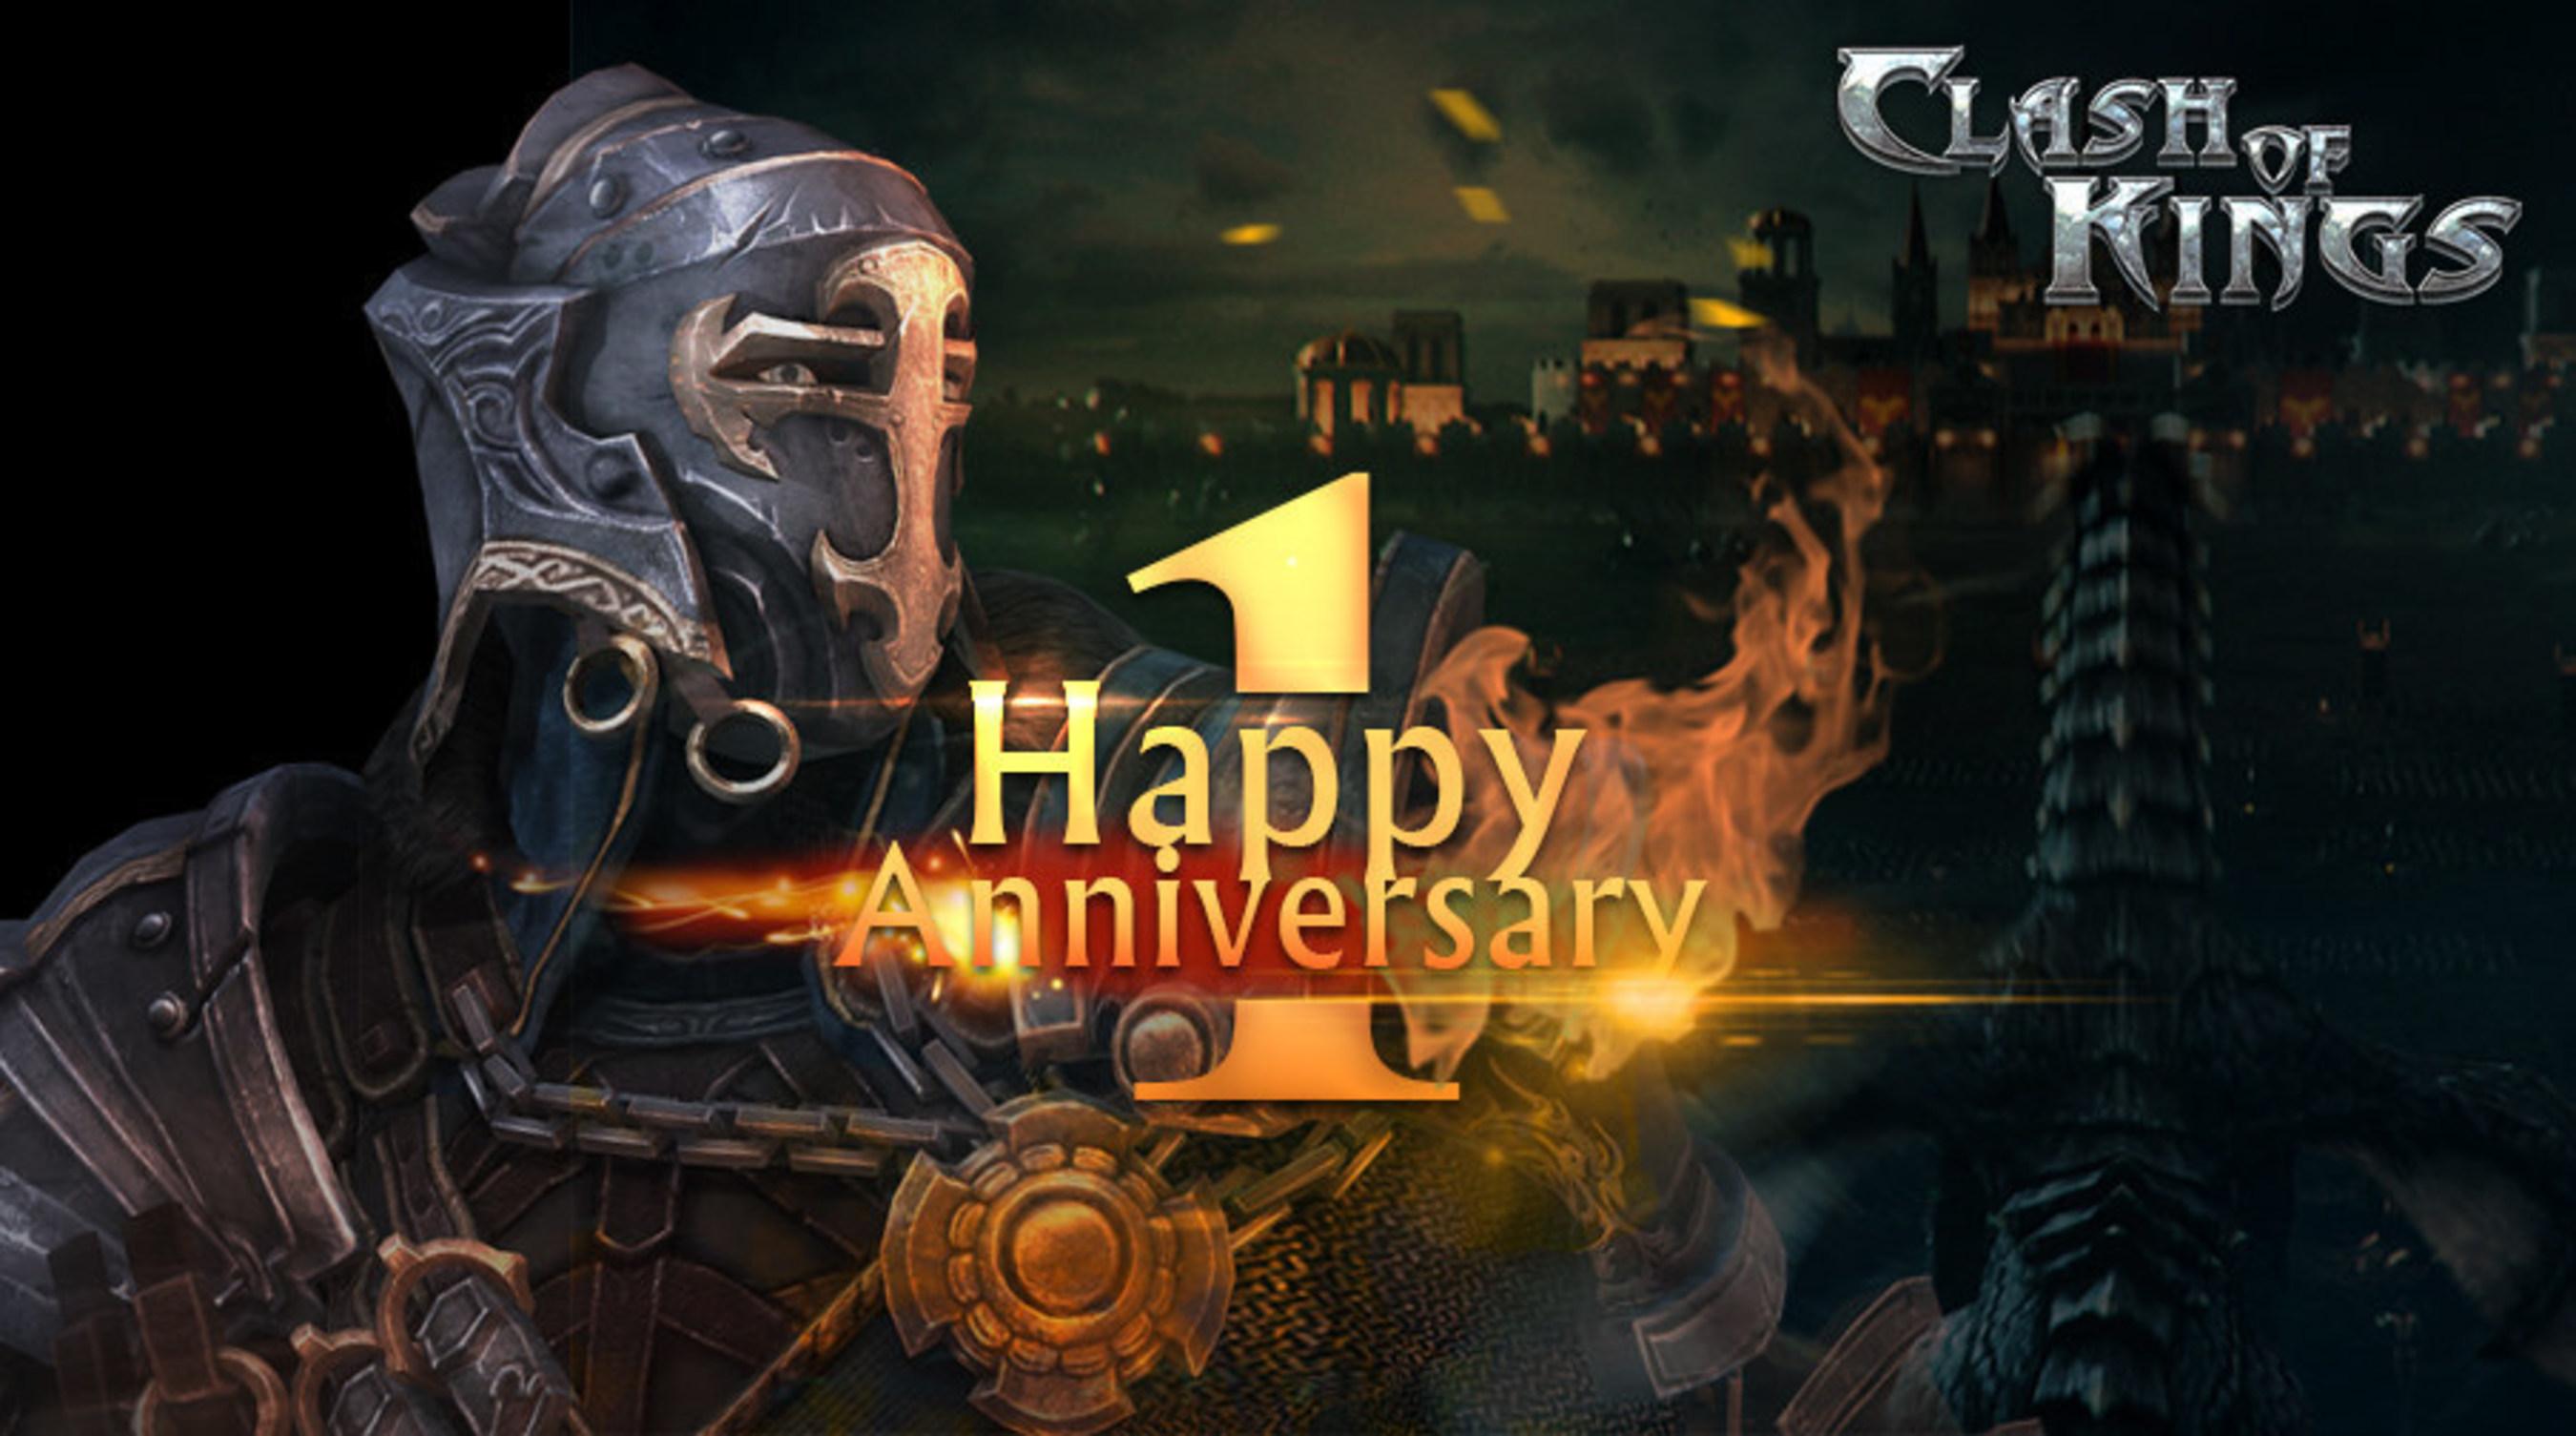 Fait marquant du 1er anniversaire de Clash of Kings : 60 millions de téléchargements et de joueurs